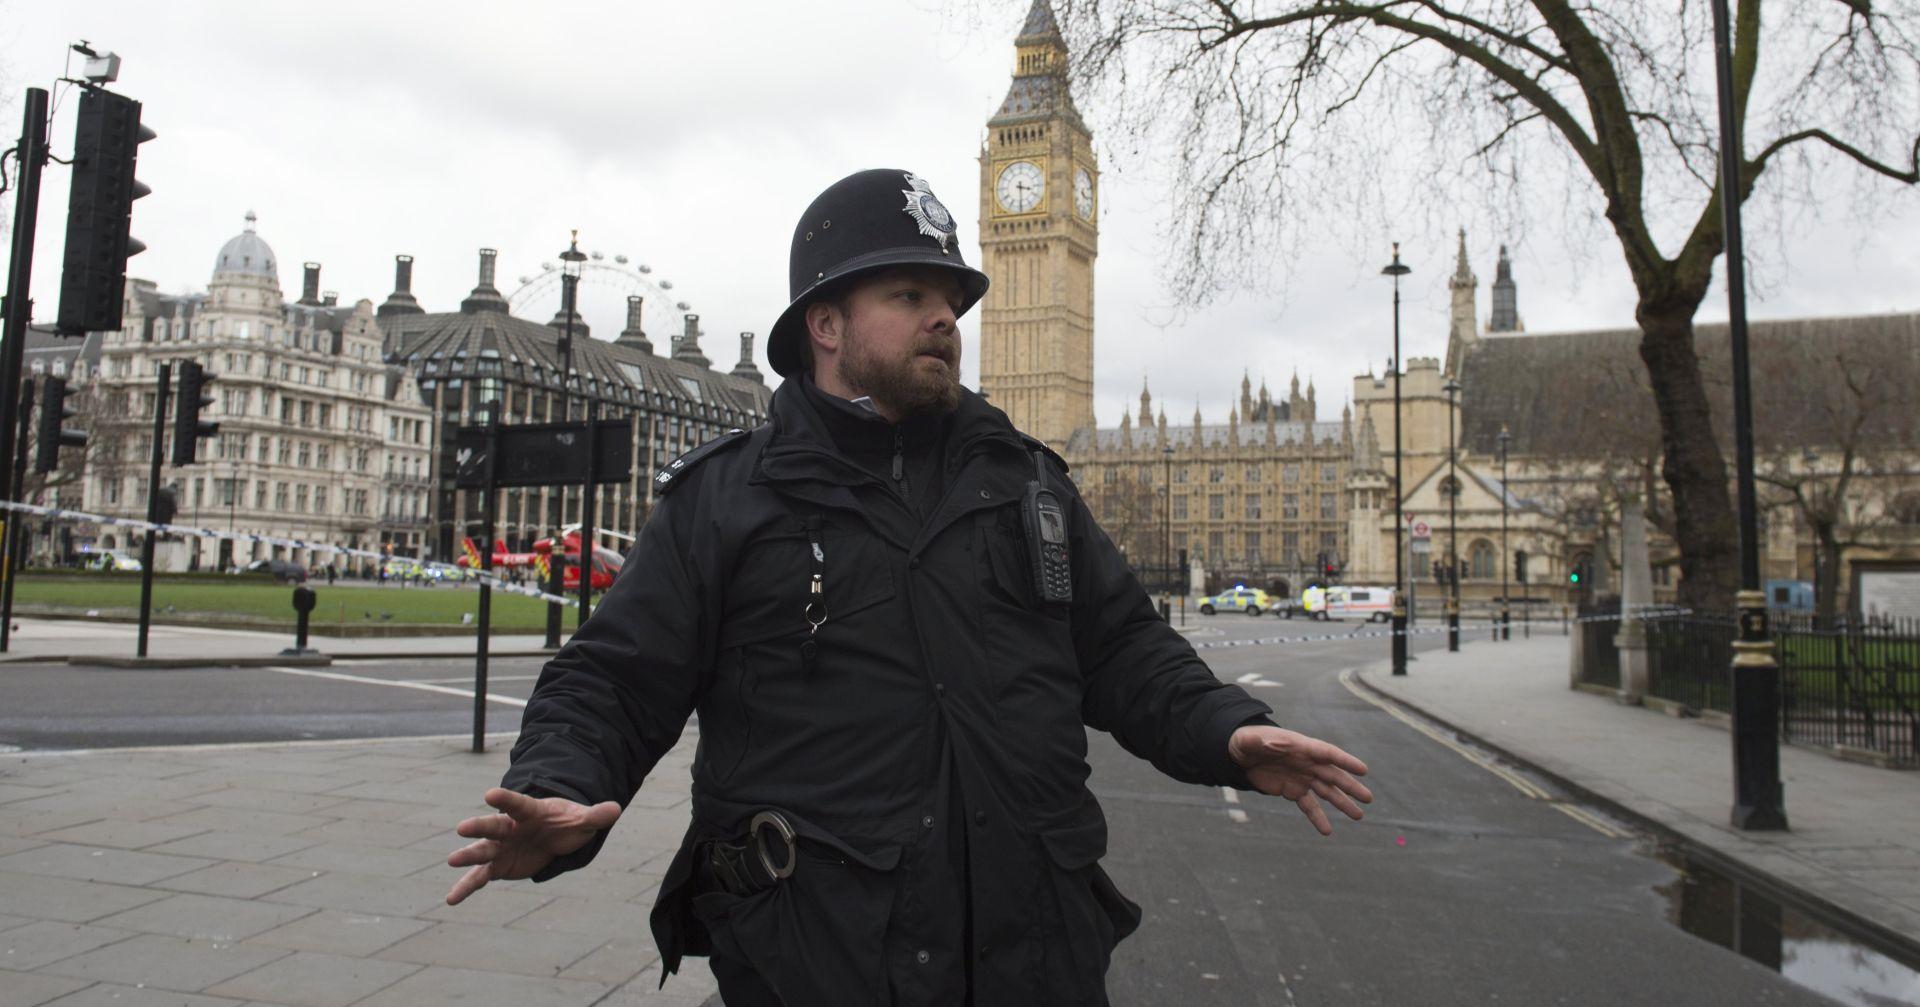 Napad u Londonu mogao bi biti djelo 'islamskog terorizma'